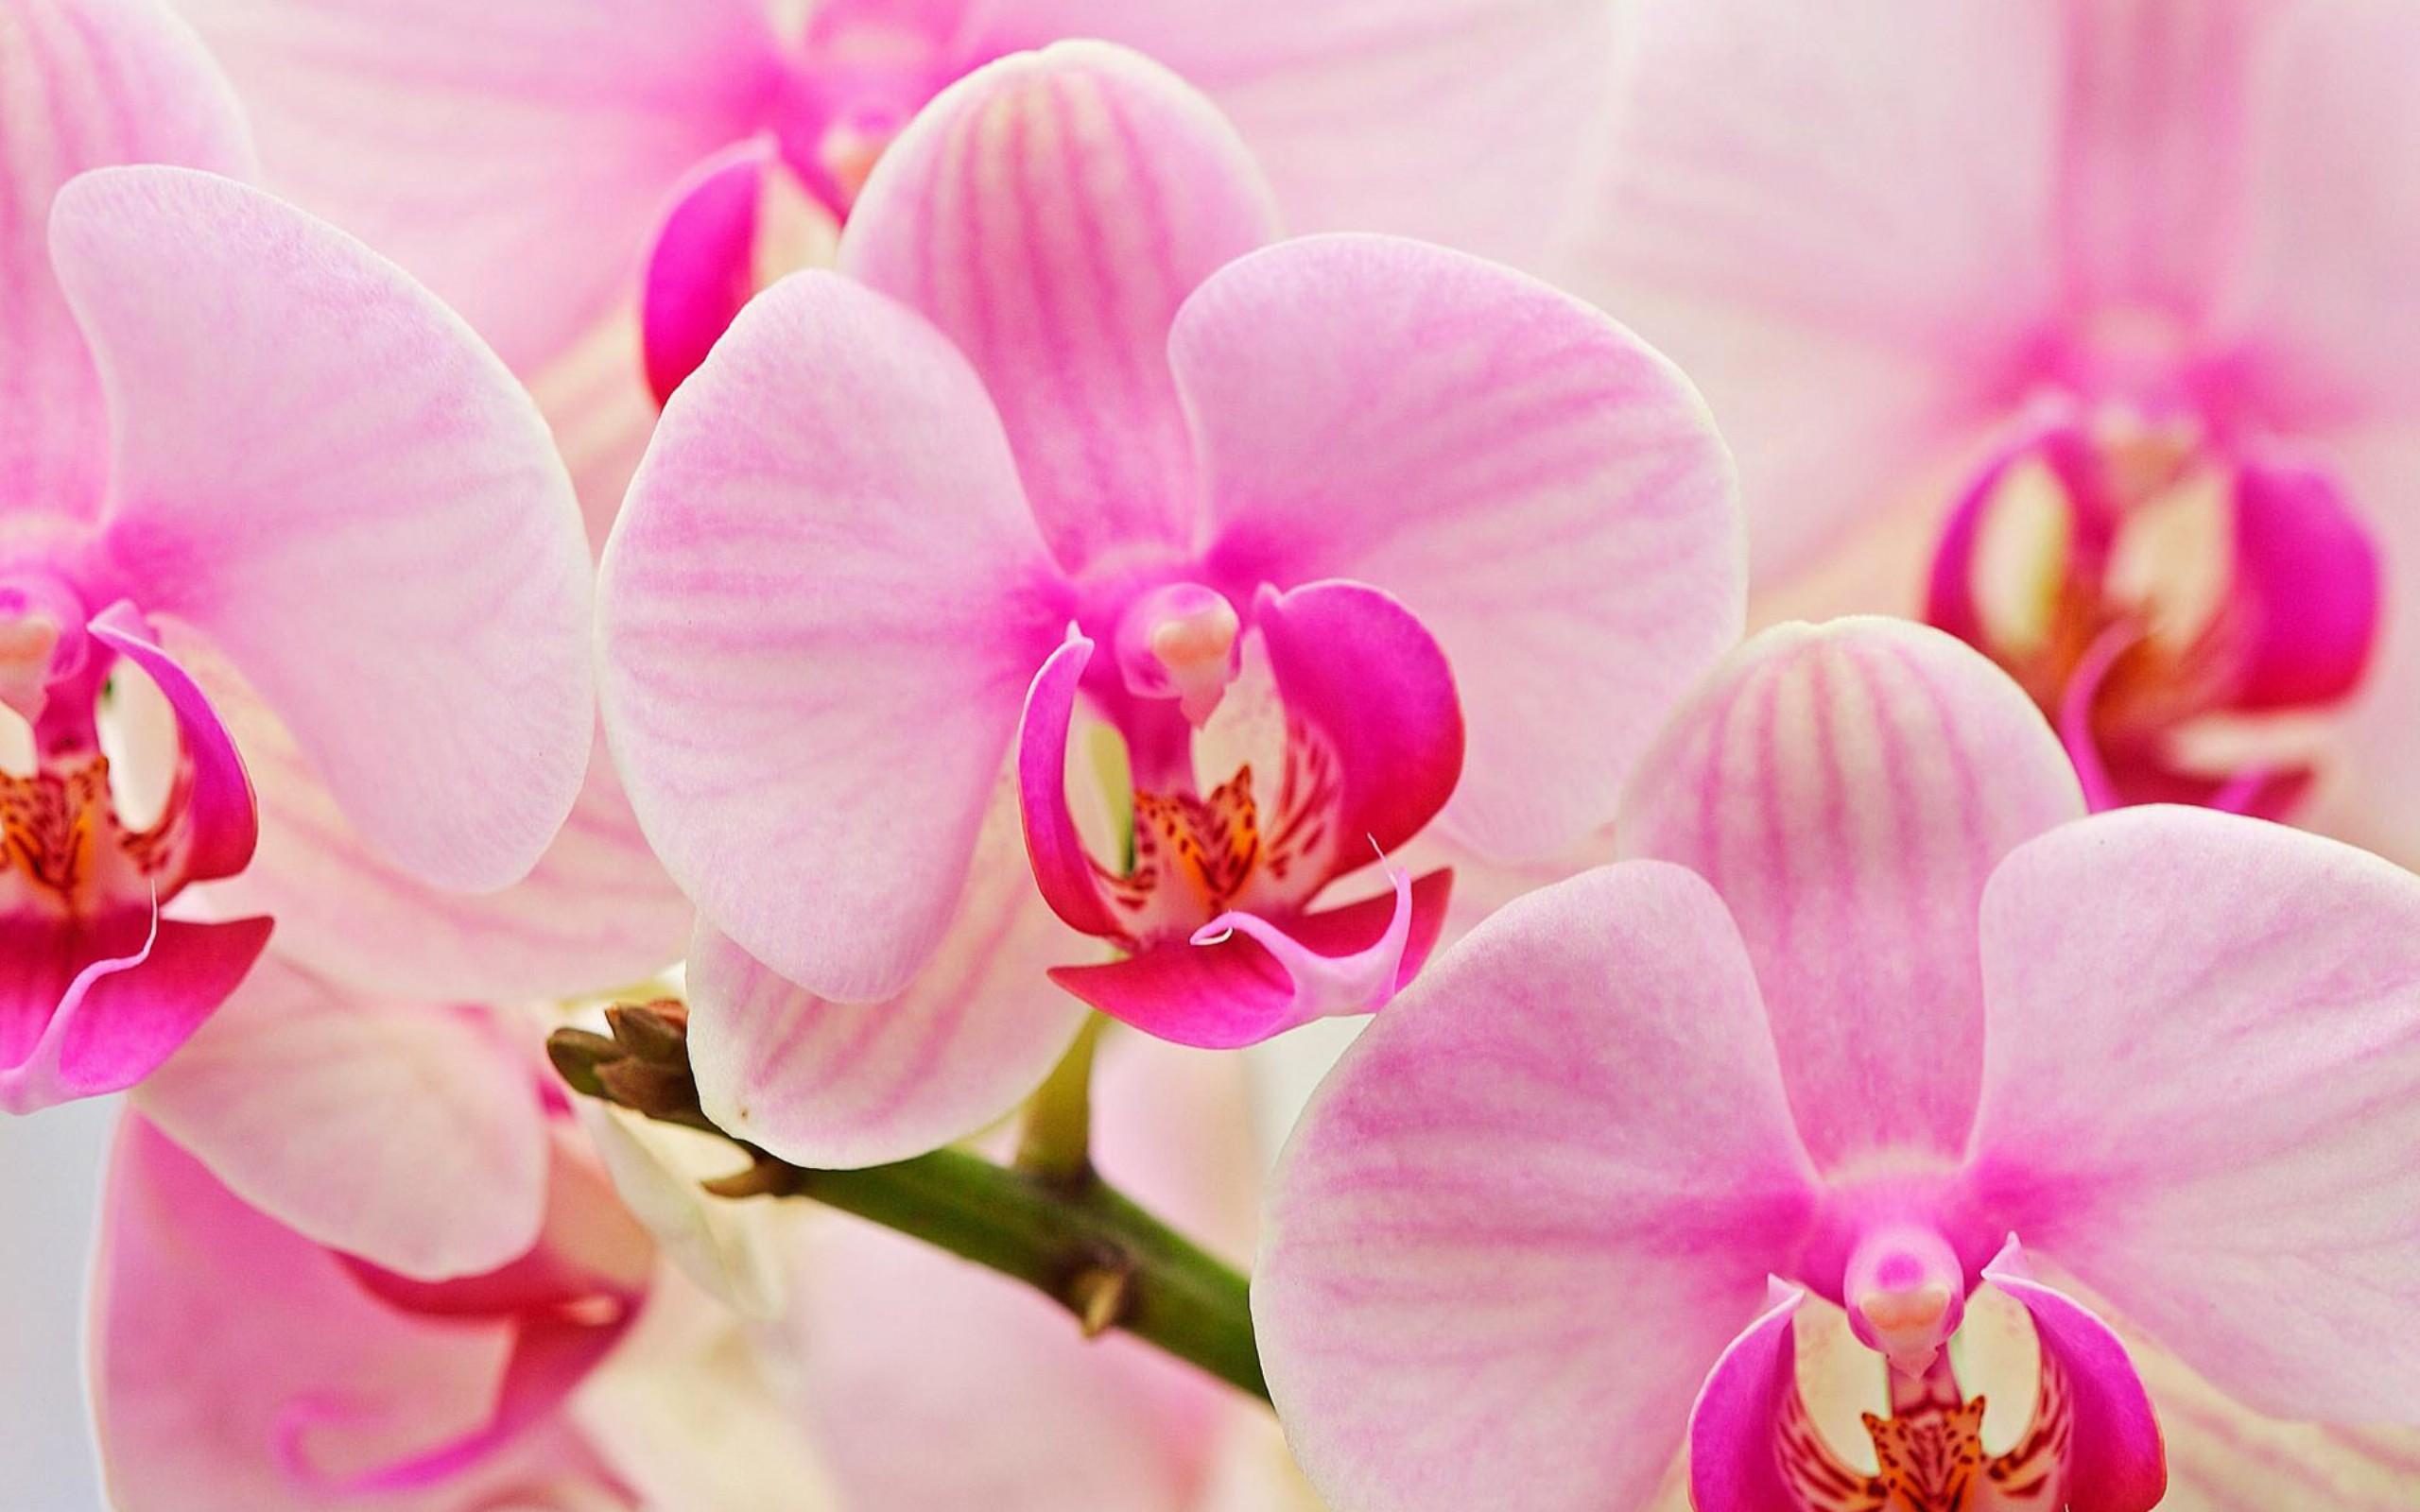 Дню, картинки орхидей на рабочий стол красивые большие на весь экран